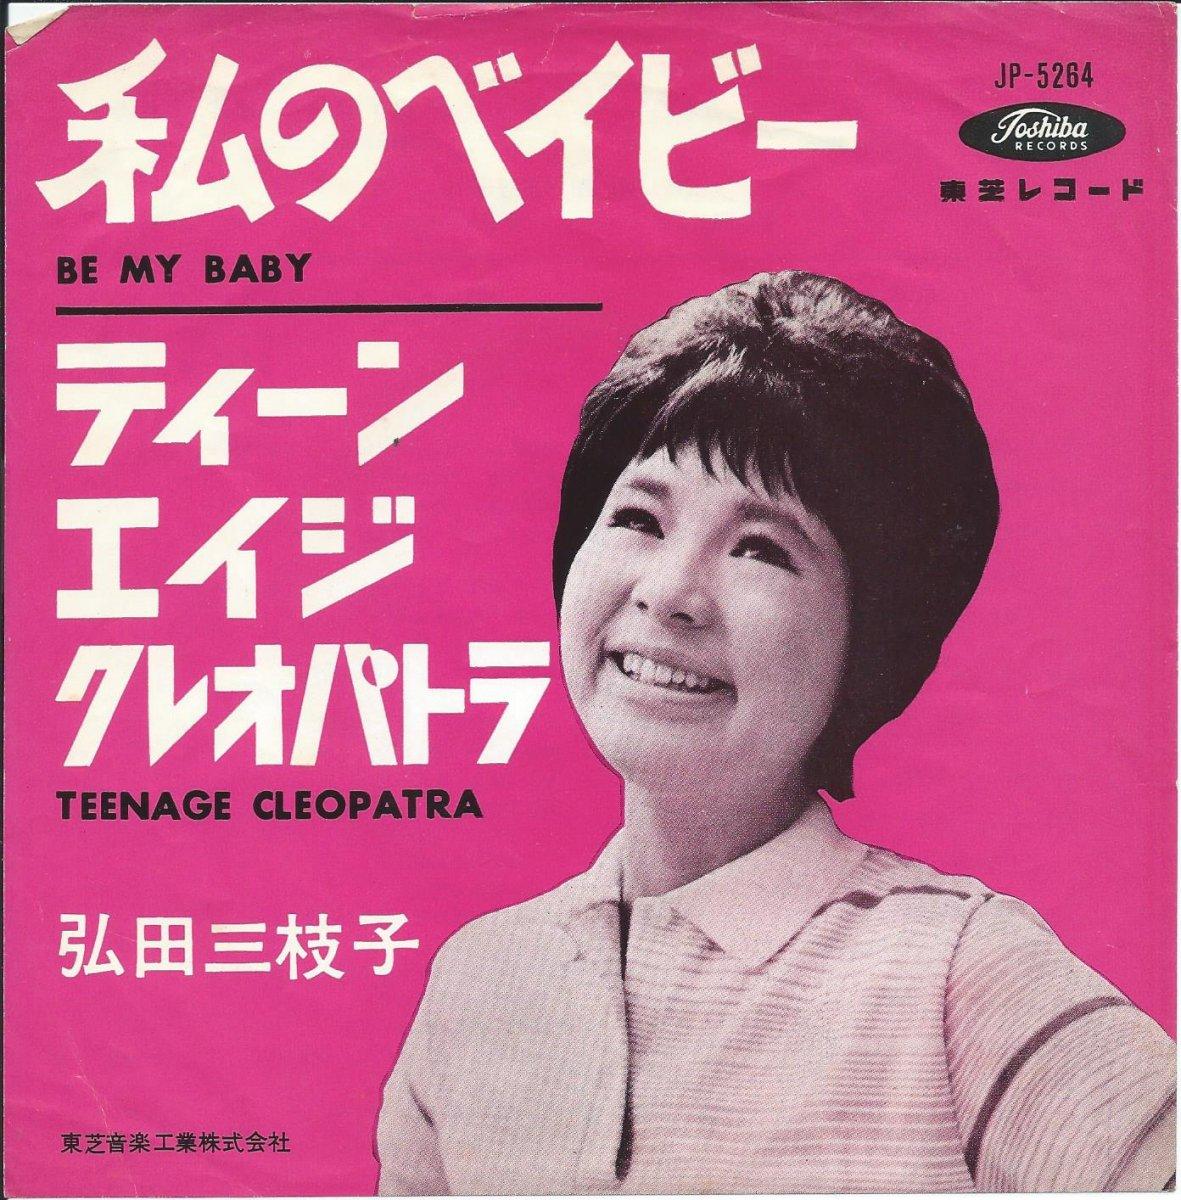 弘田三枝子 MIEKO HIROTA / 私のベイビー BE MY BABY / ティーンエイジ・クレオパトラ TEENAGE CLEOPATRA (7